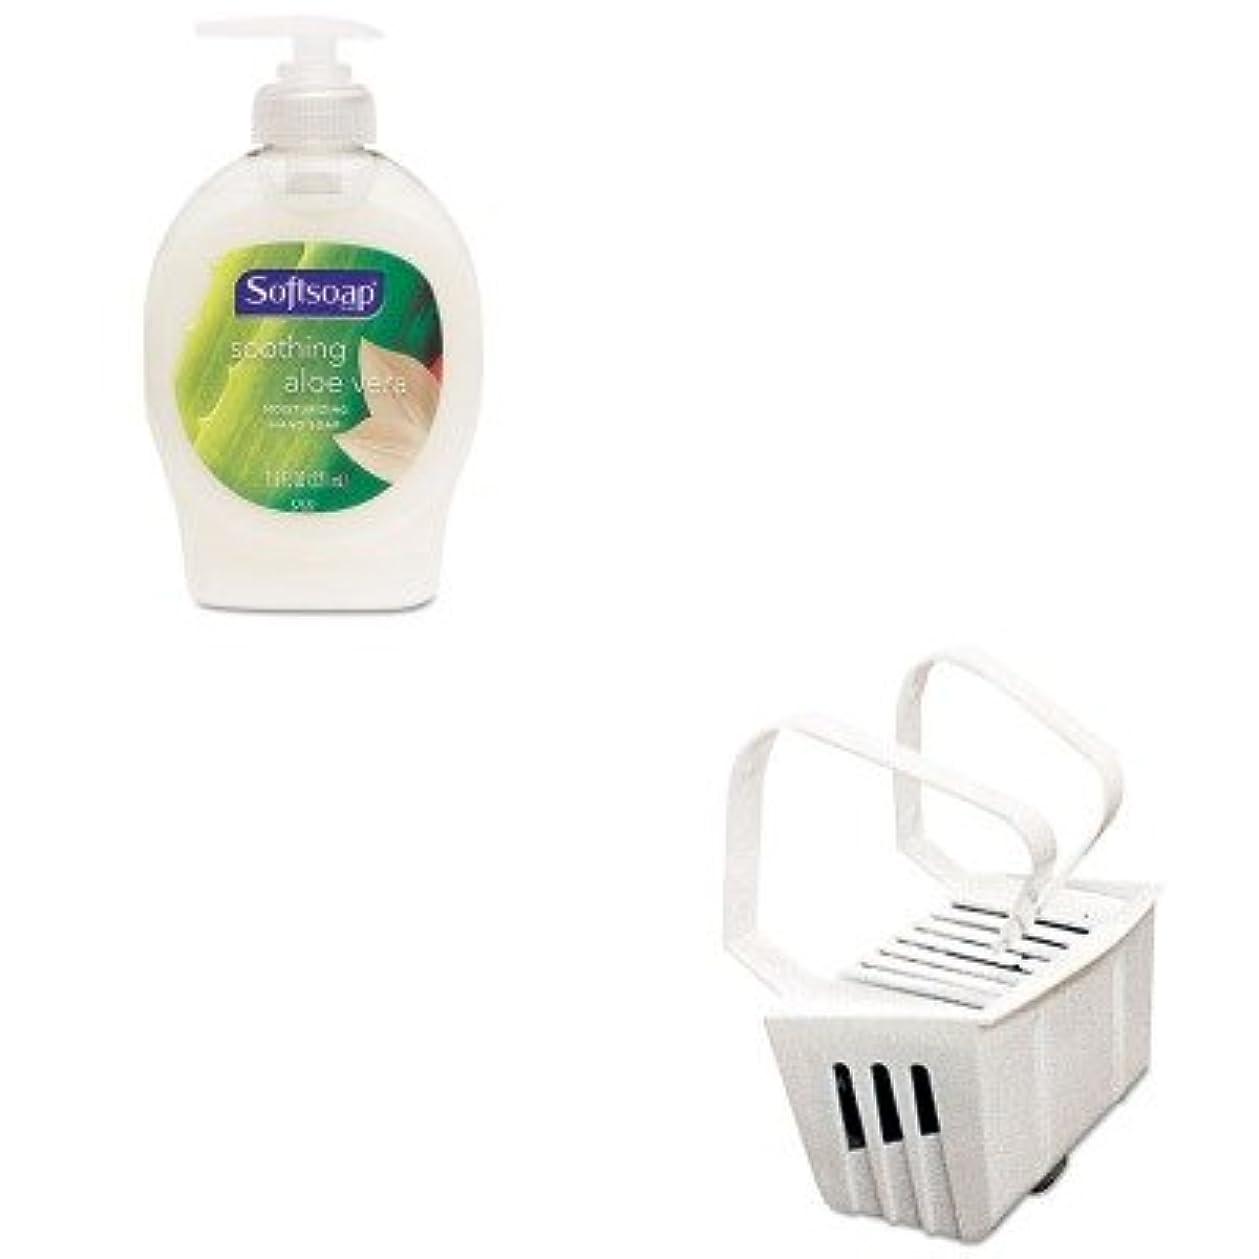 名誉消費者重力kitbgd661cpm26012ea – Valueキット – Non Paraトイレボウルリムハンガー( bgd661 )とSoftsoap Moisturizing Hand Soap w /アロエ( cpm26012ea )